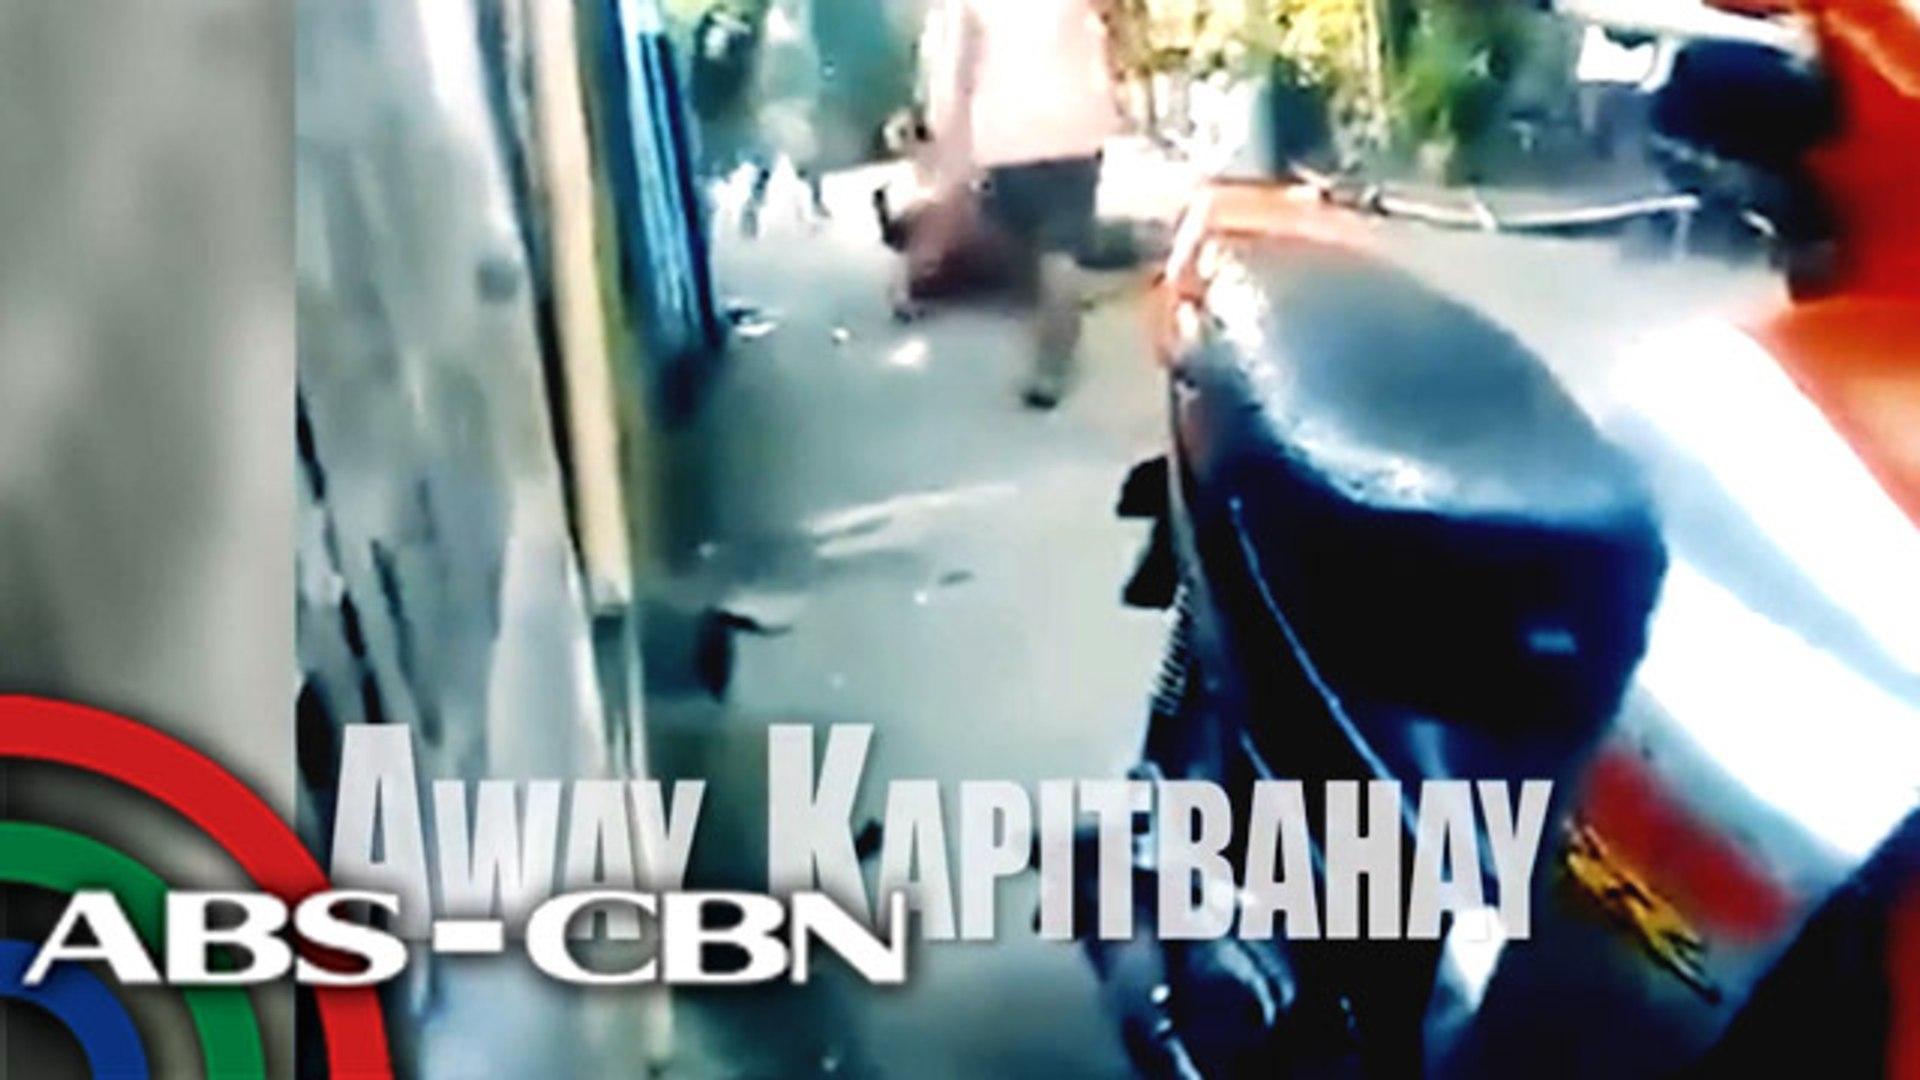 Ang Kapitbahay 2003 Tagalog Movie soco: away kapitbahay